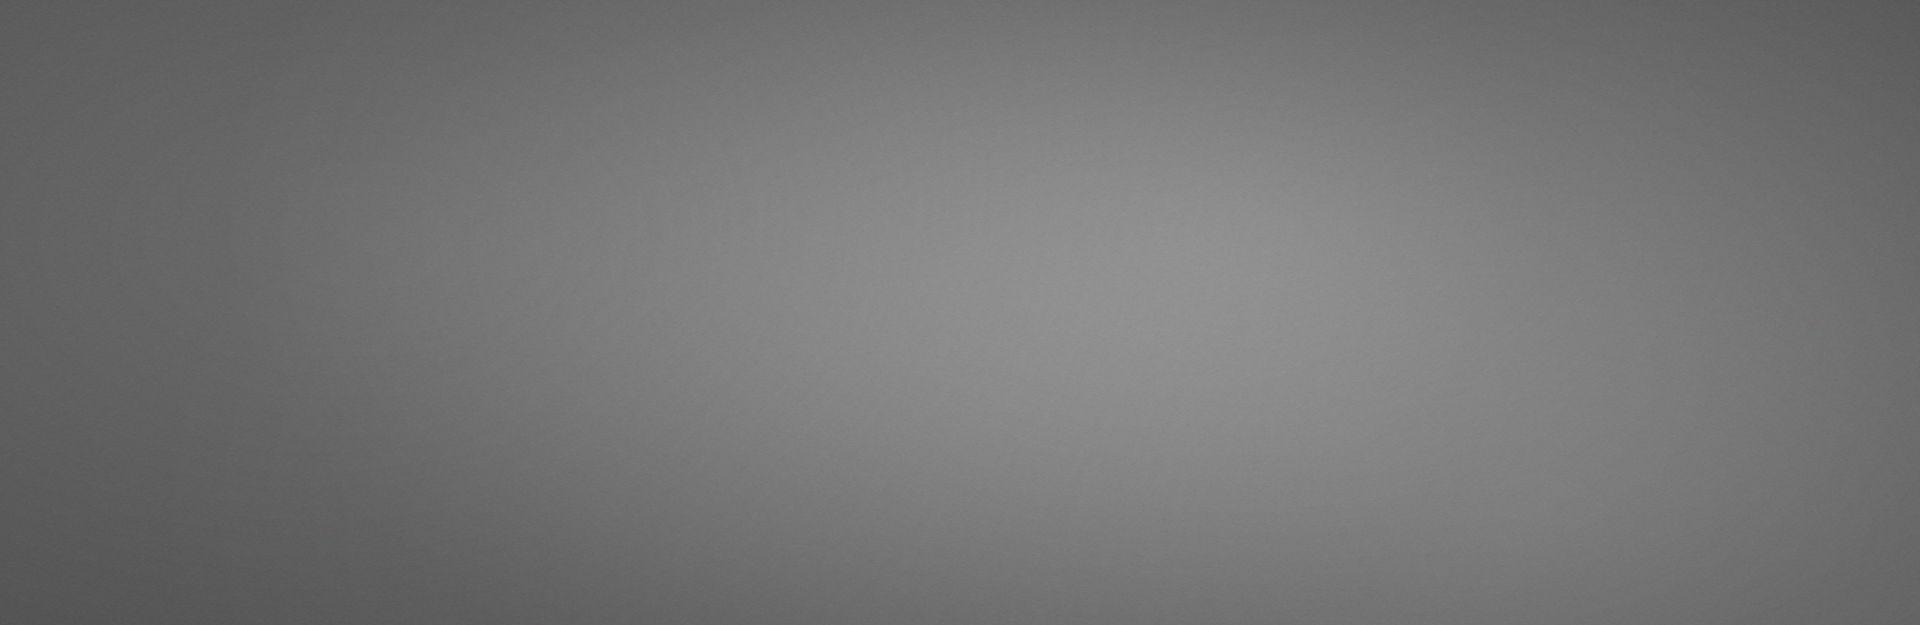 sfondo_grigio